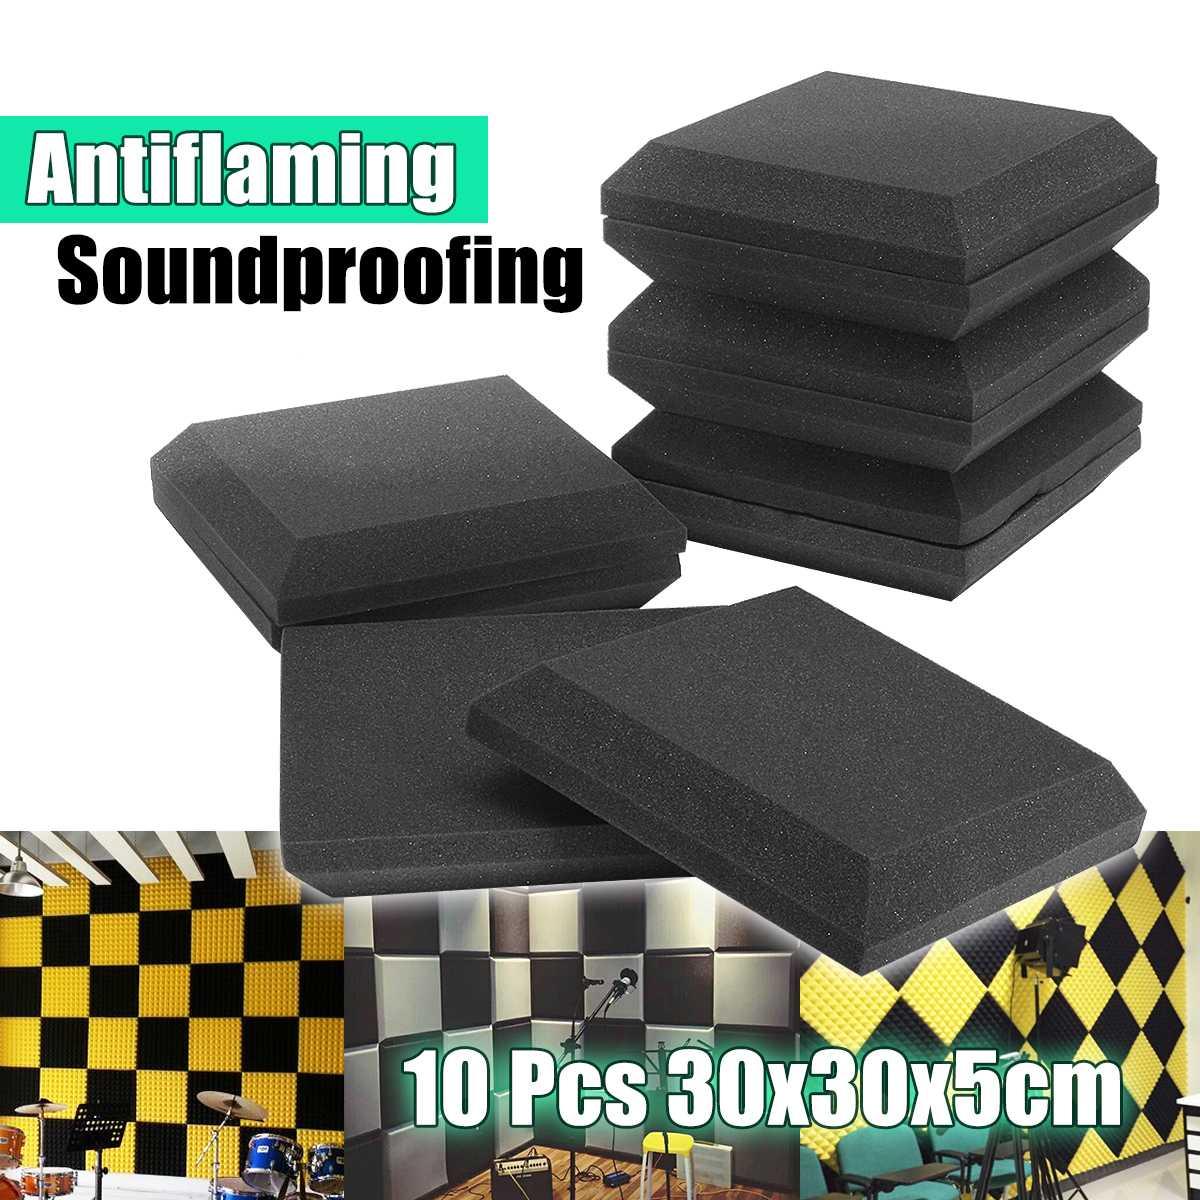 10pcs 300x300x50mm Studio Acoustic Soundproof Foam Sound Absorption Treatment Panel Tile Protective Sponge